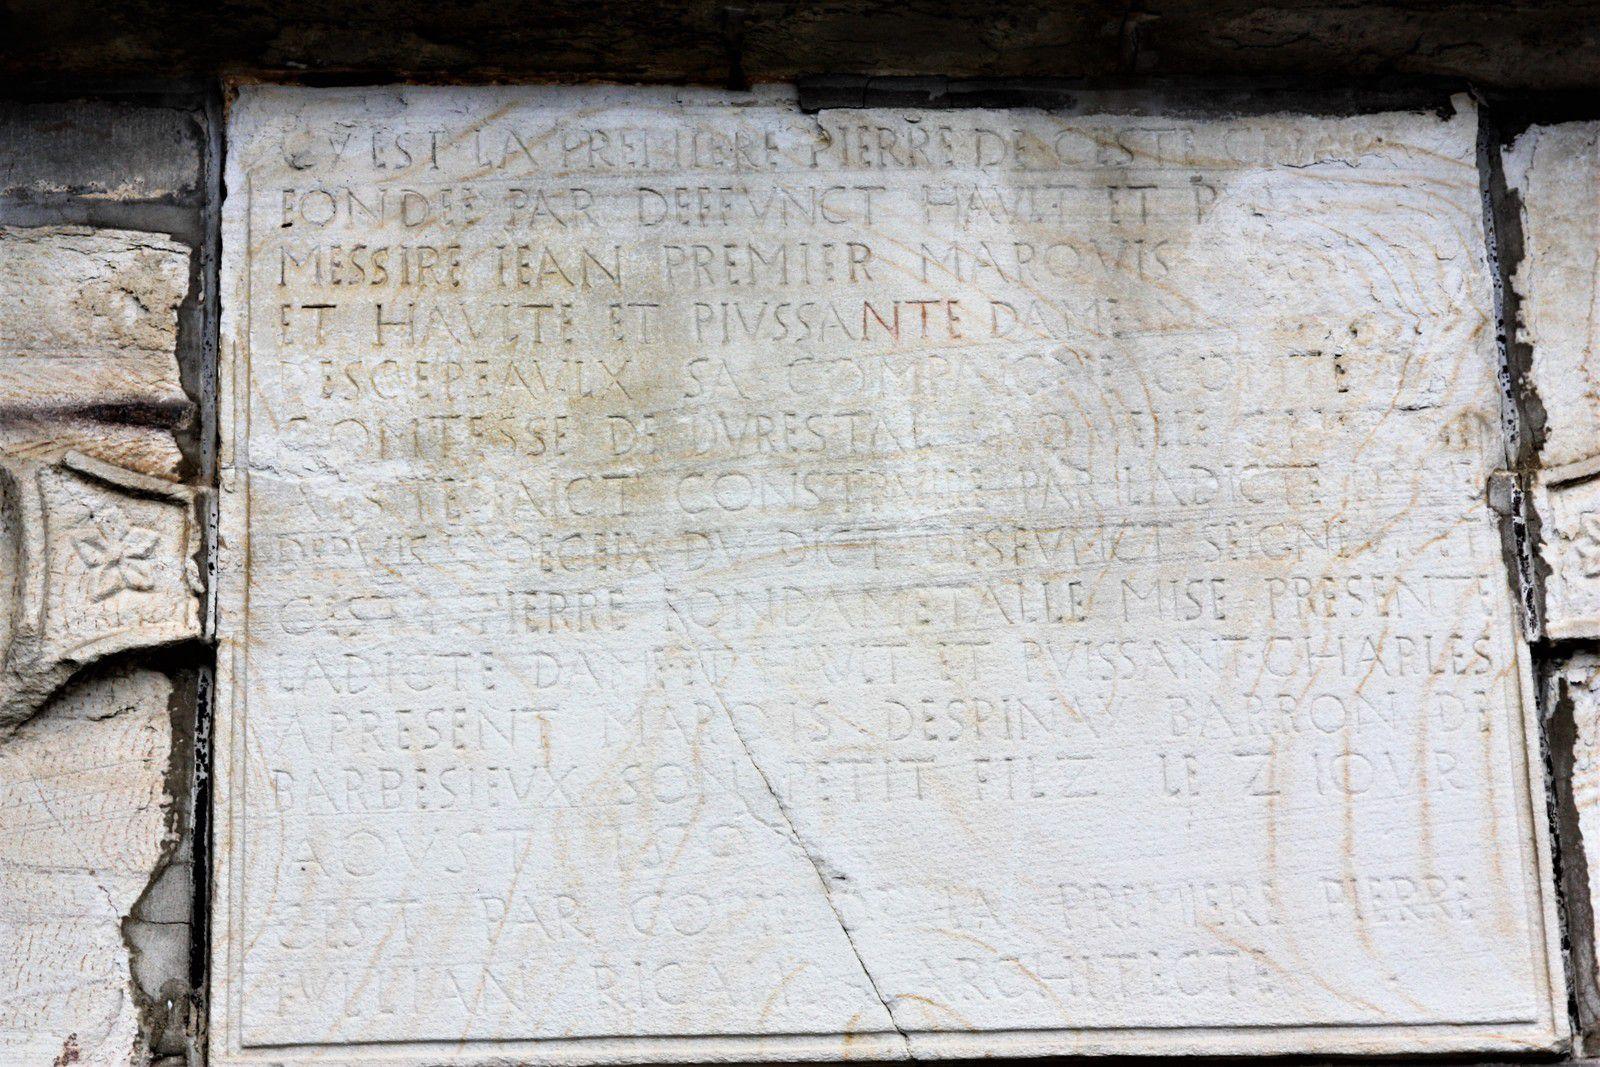 Inscription de fondation de la chapelle d'Espinay, ancienne collégiale de Champeaux. Photographie lavieb-aile août 2020.